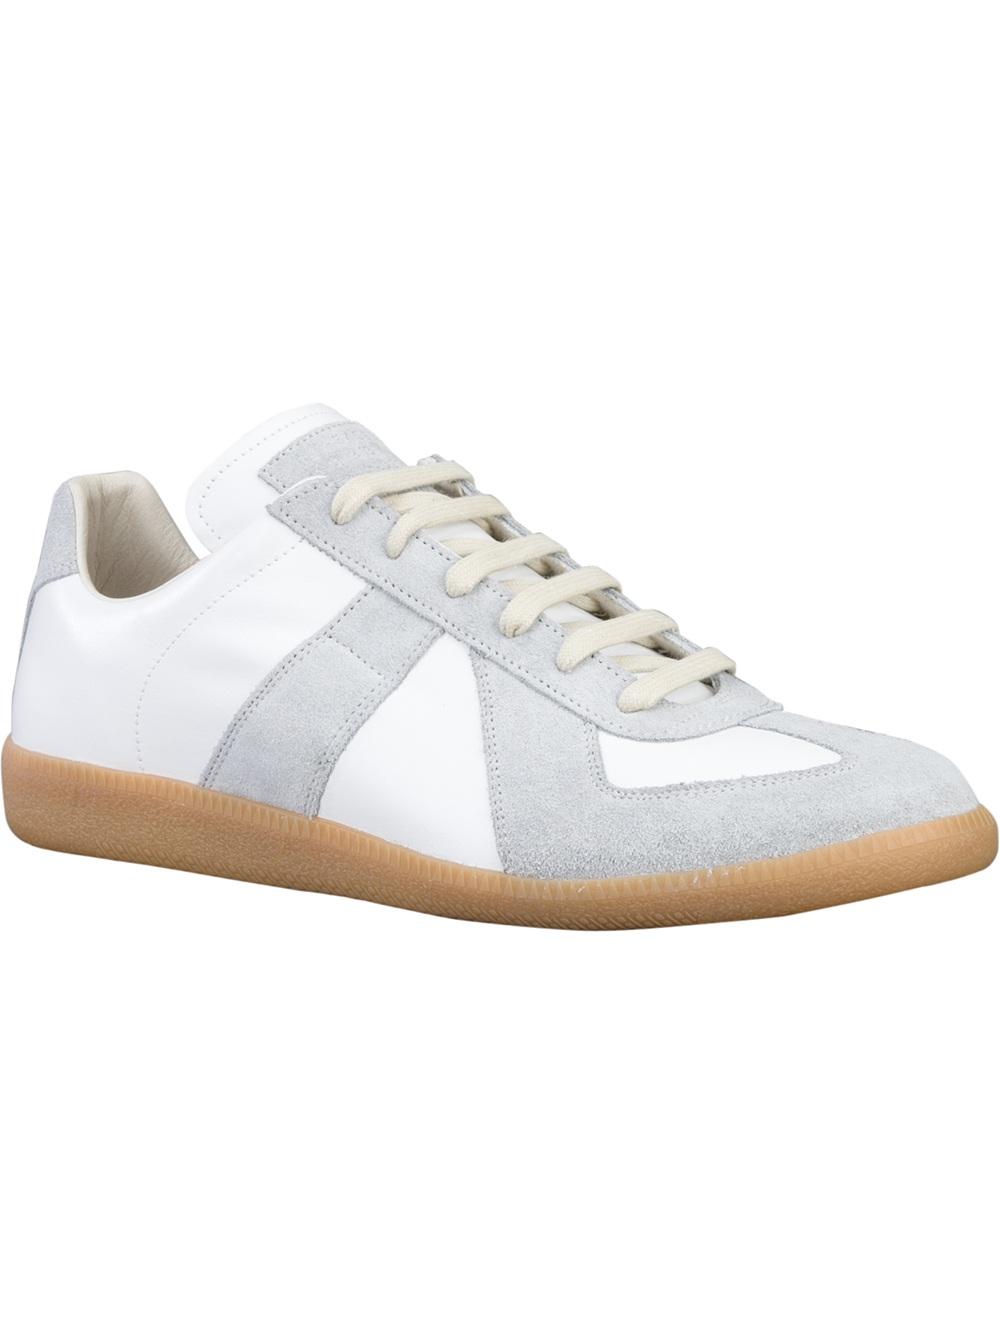 Maison Margiela 70s Replica Sneaker in White for Men | Lyst